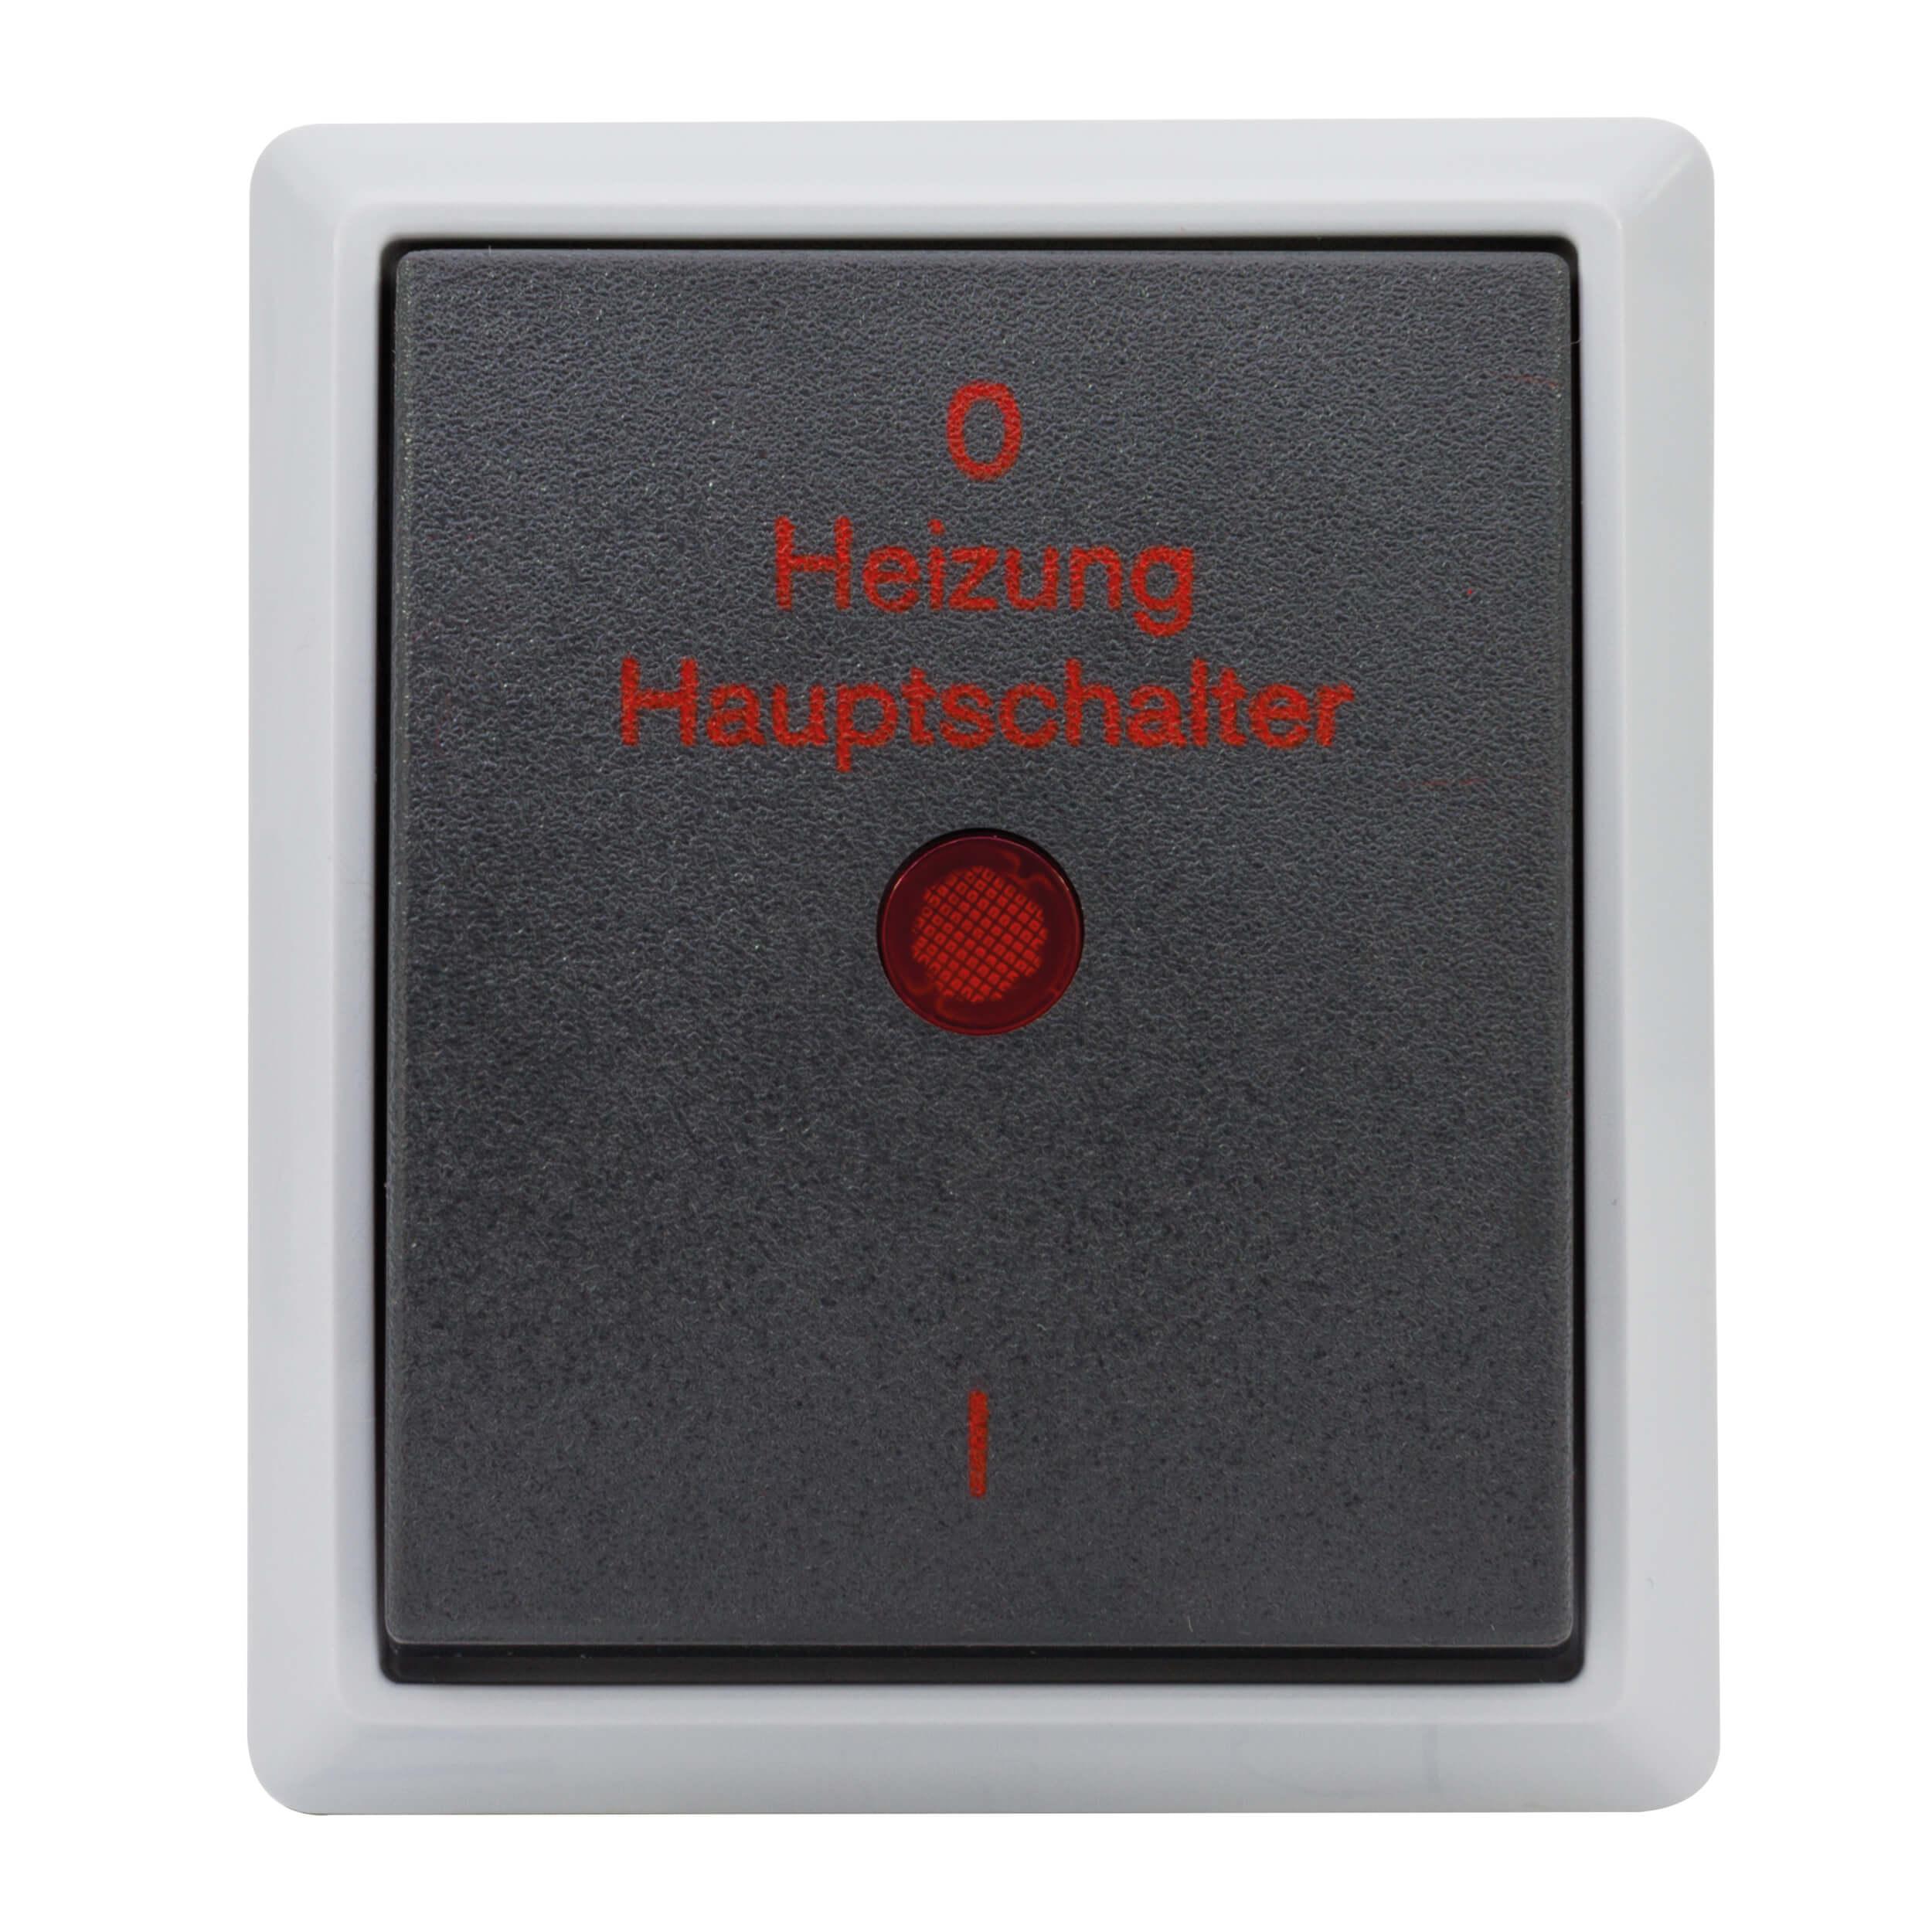 AquaForm Heizungs-Hauptschalter für feuchte Räume, grau